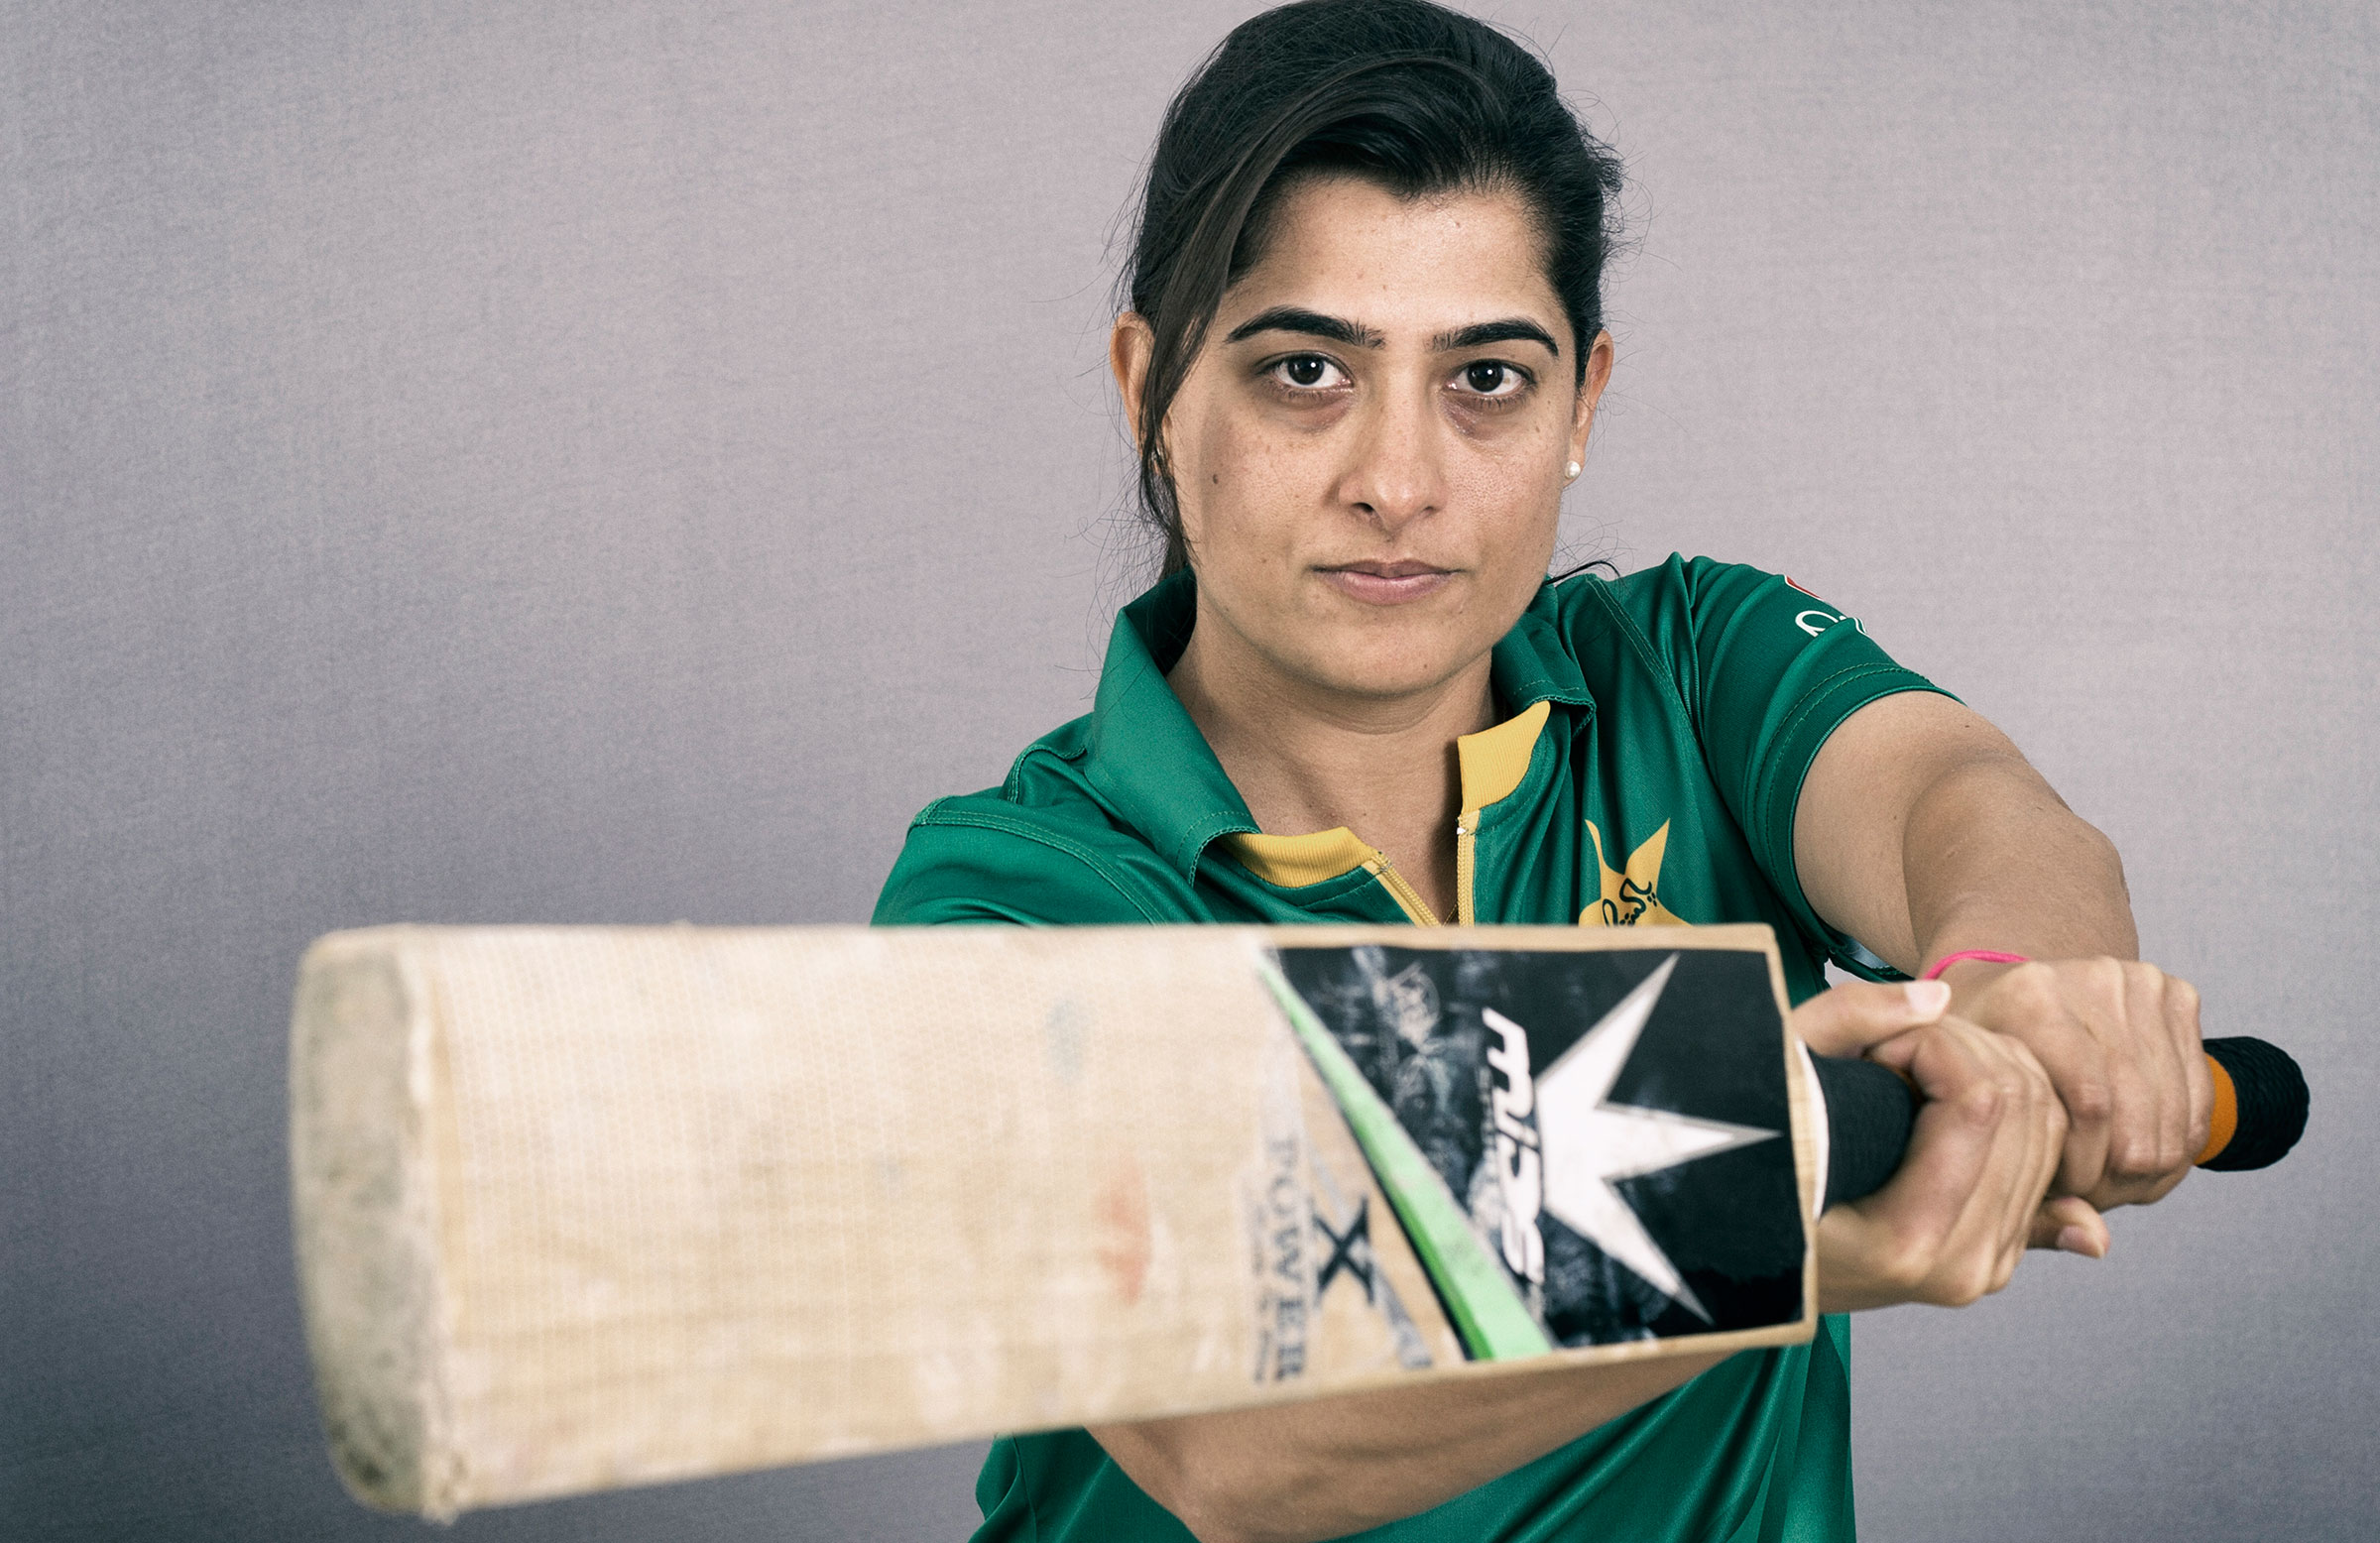 Sana Mir will skipper Pakistan // Getty